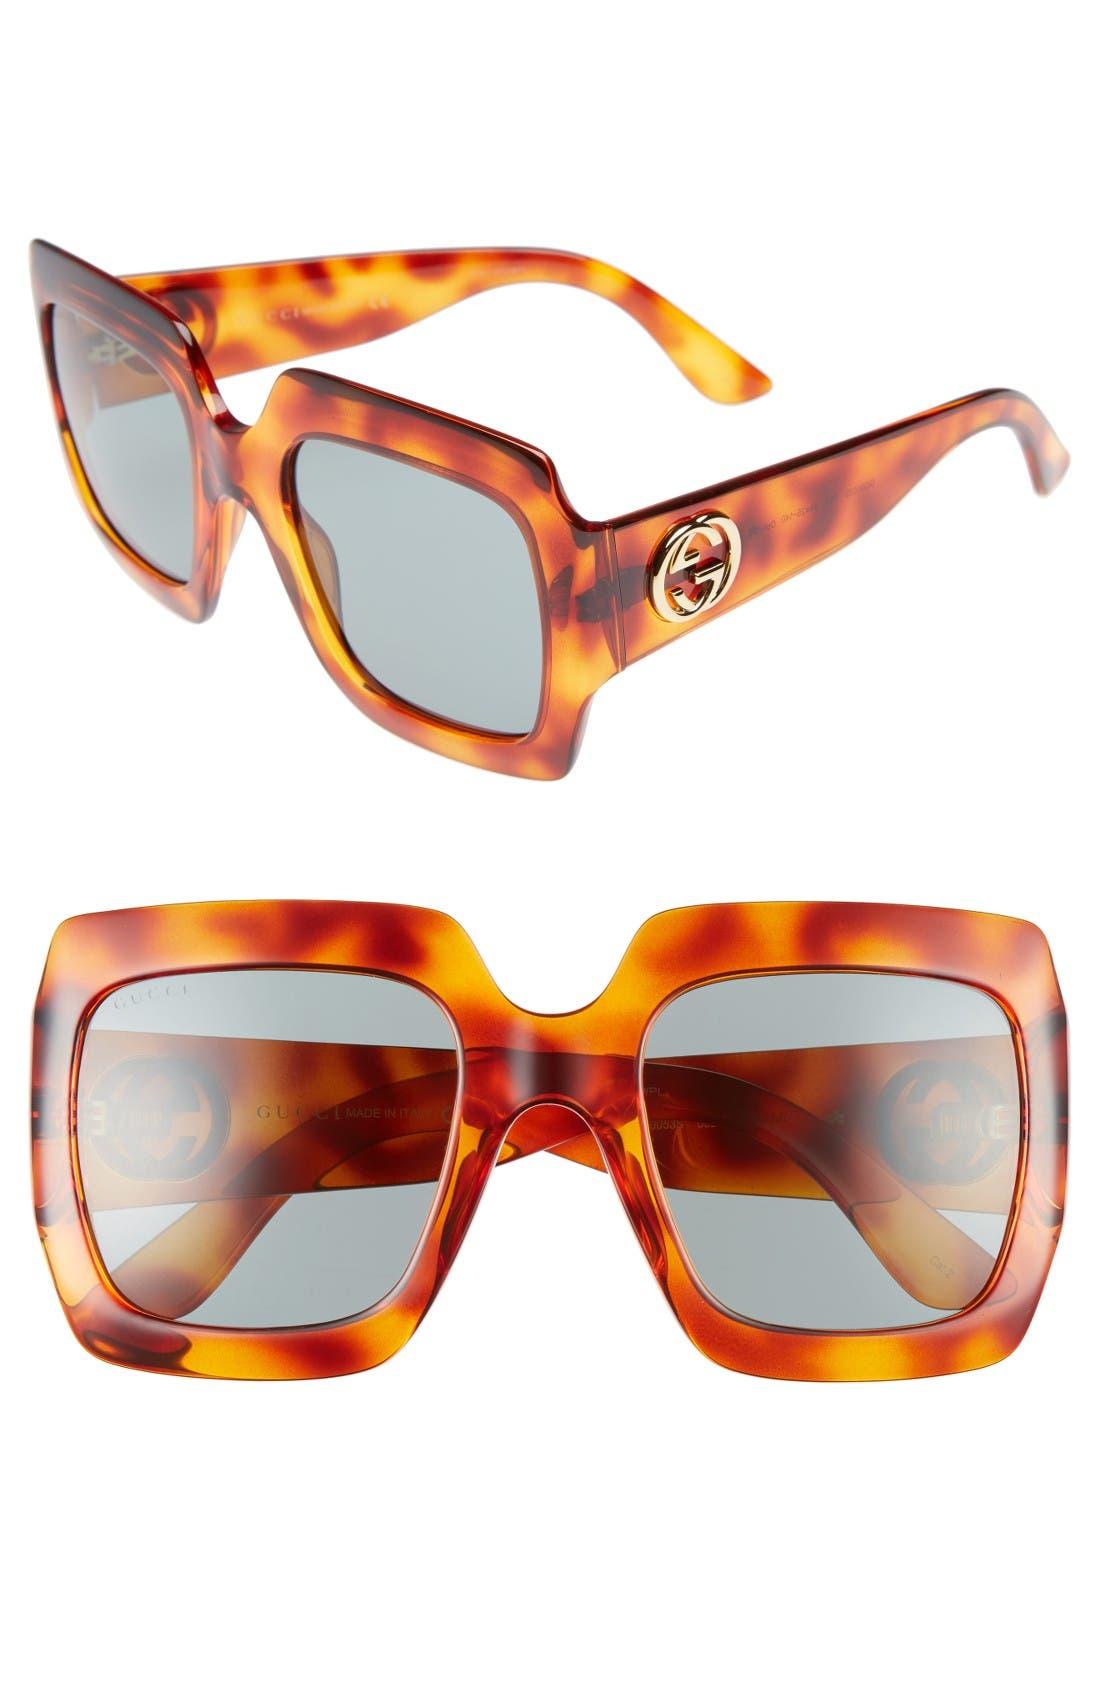 Main Image - Gucci 54mm Square Sunglasses